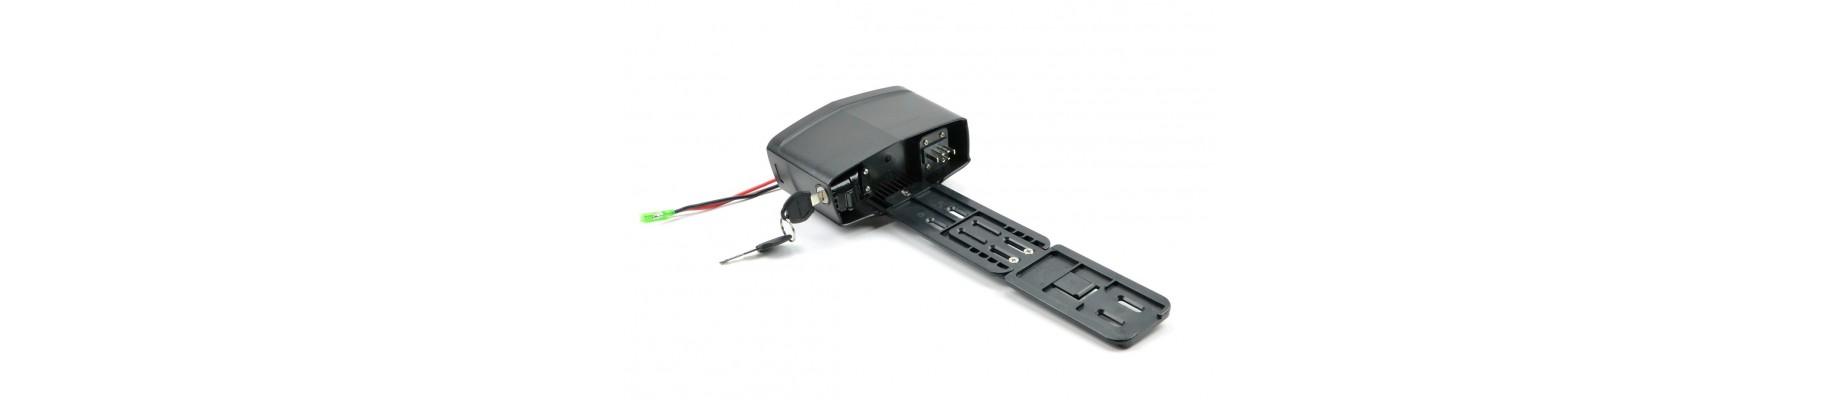 Bagagebærer / Batteriholder